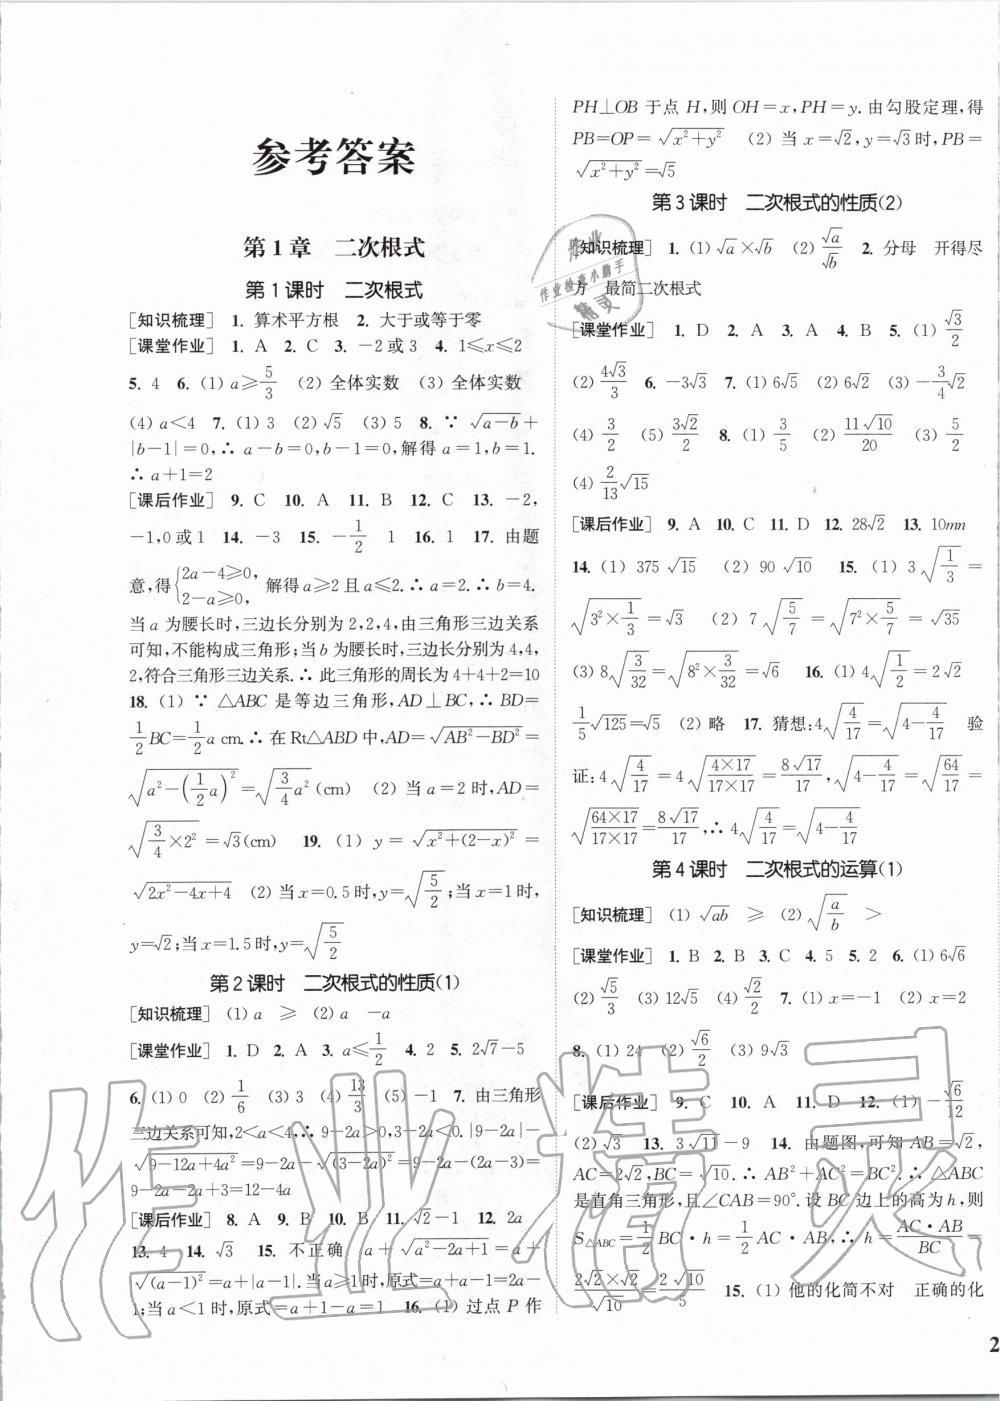 2020年通城学典课时作业本八年级数学下册浙教版第1页